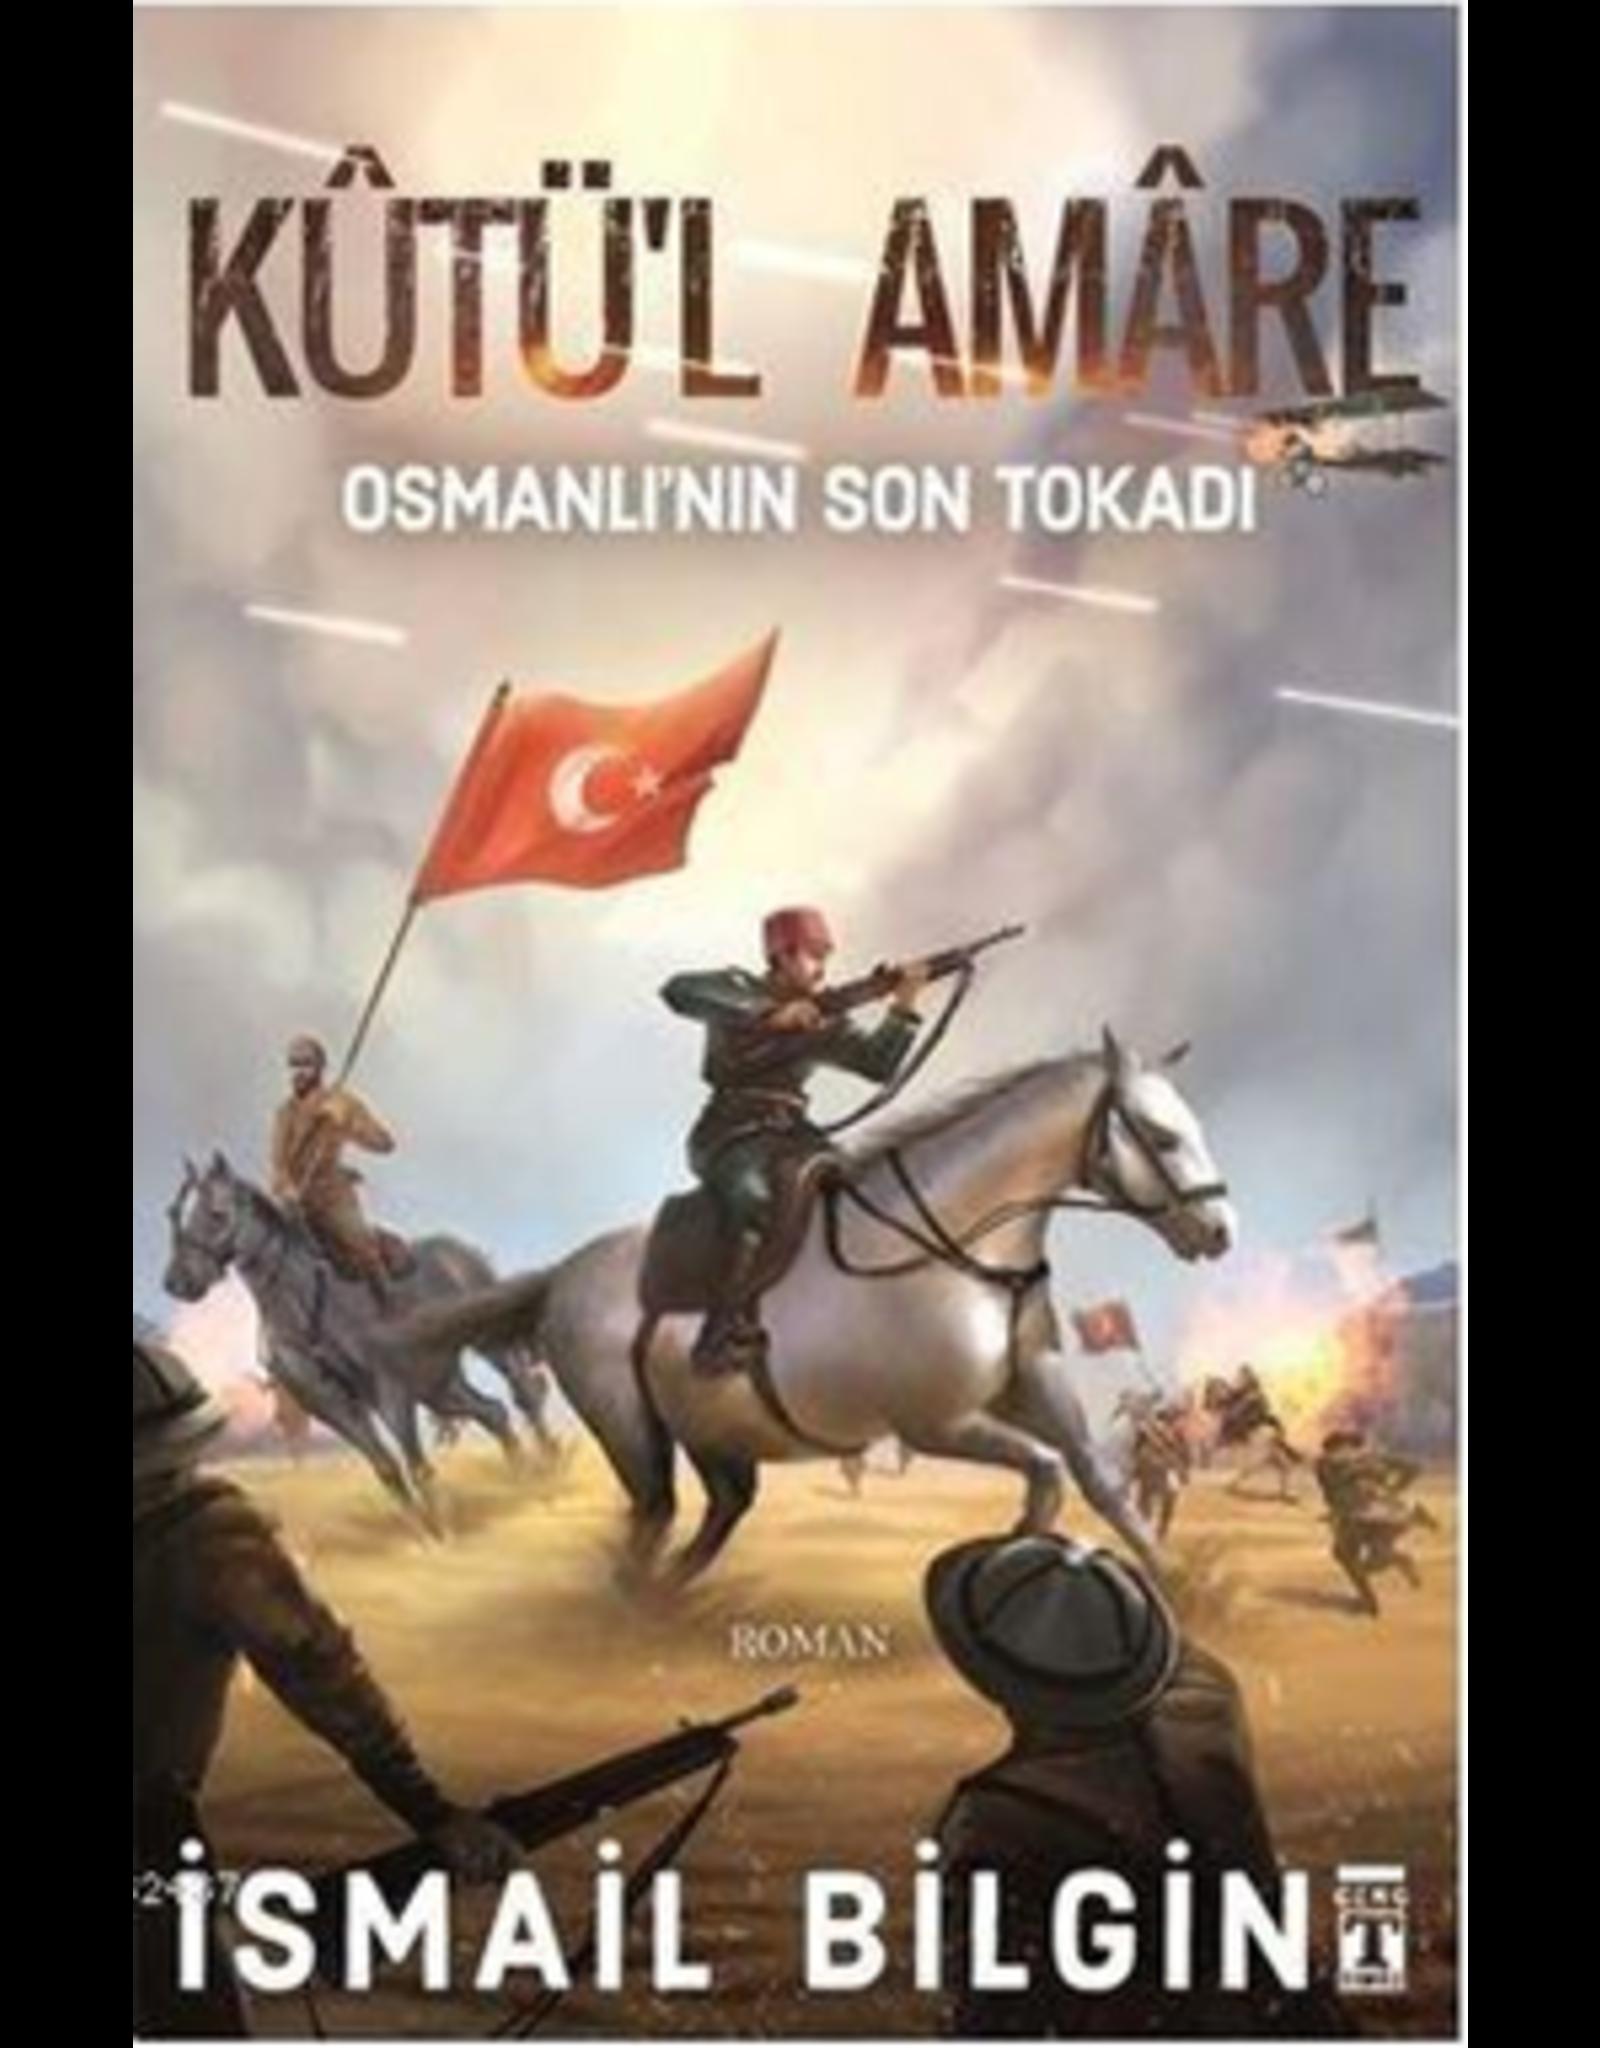 Ismail Bilgin Kutü'l amare Osmanlı'nın Son Tokadı